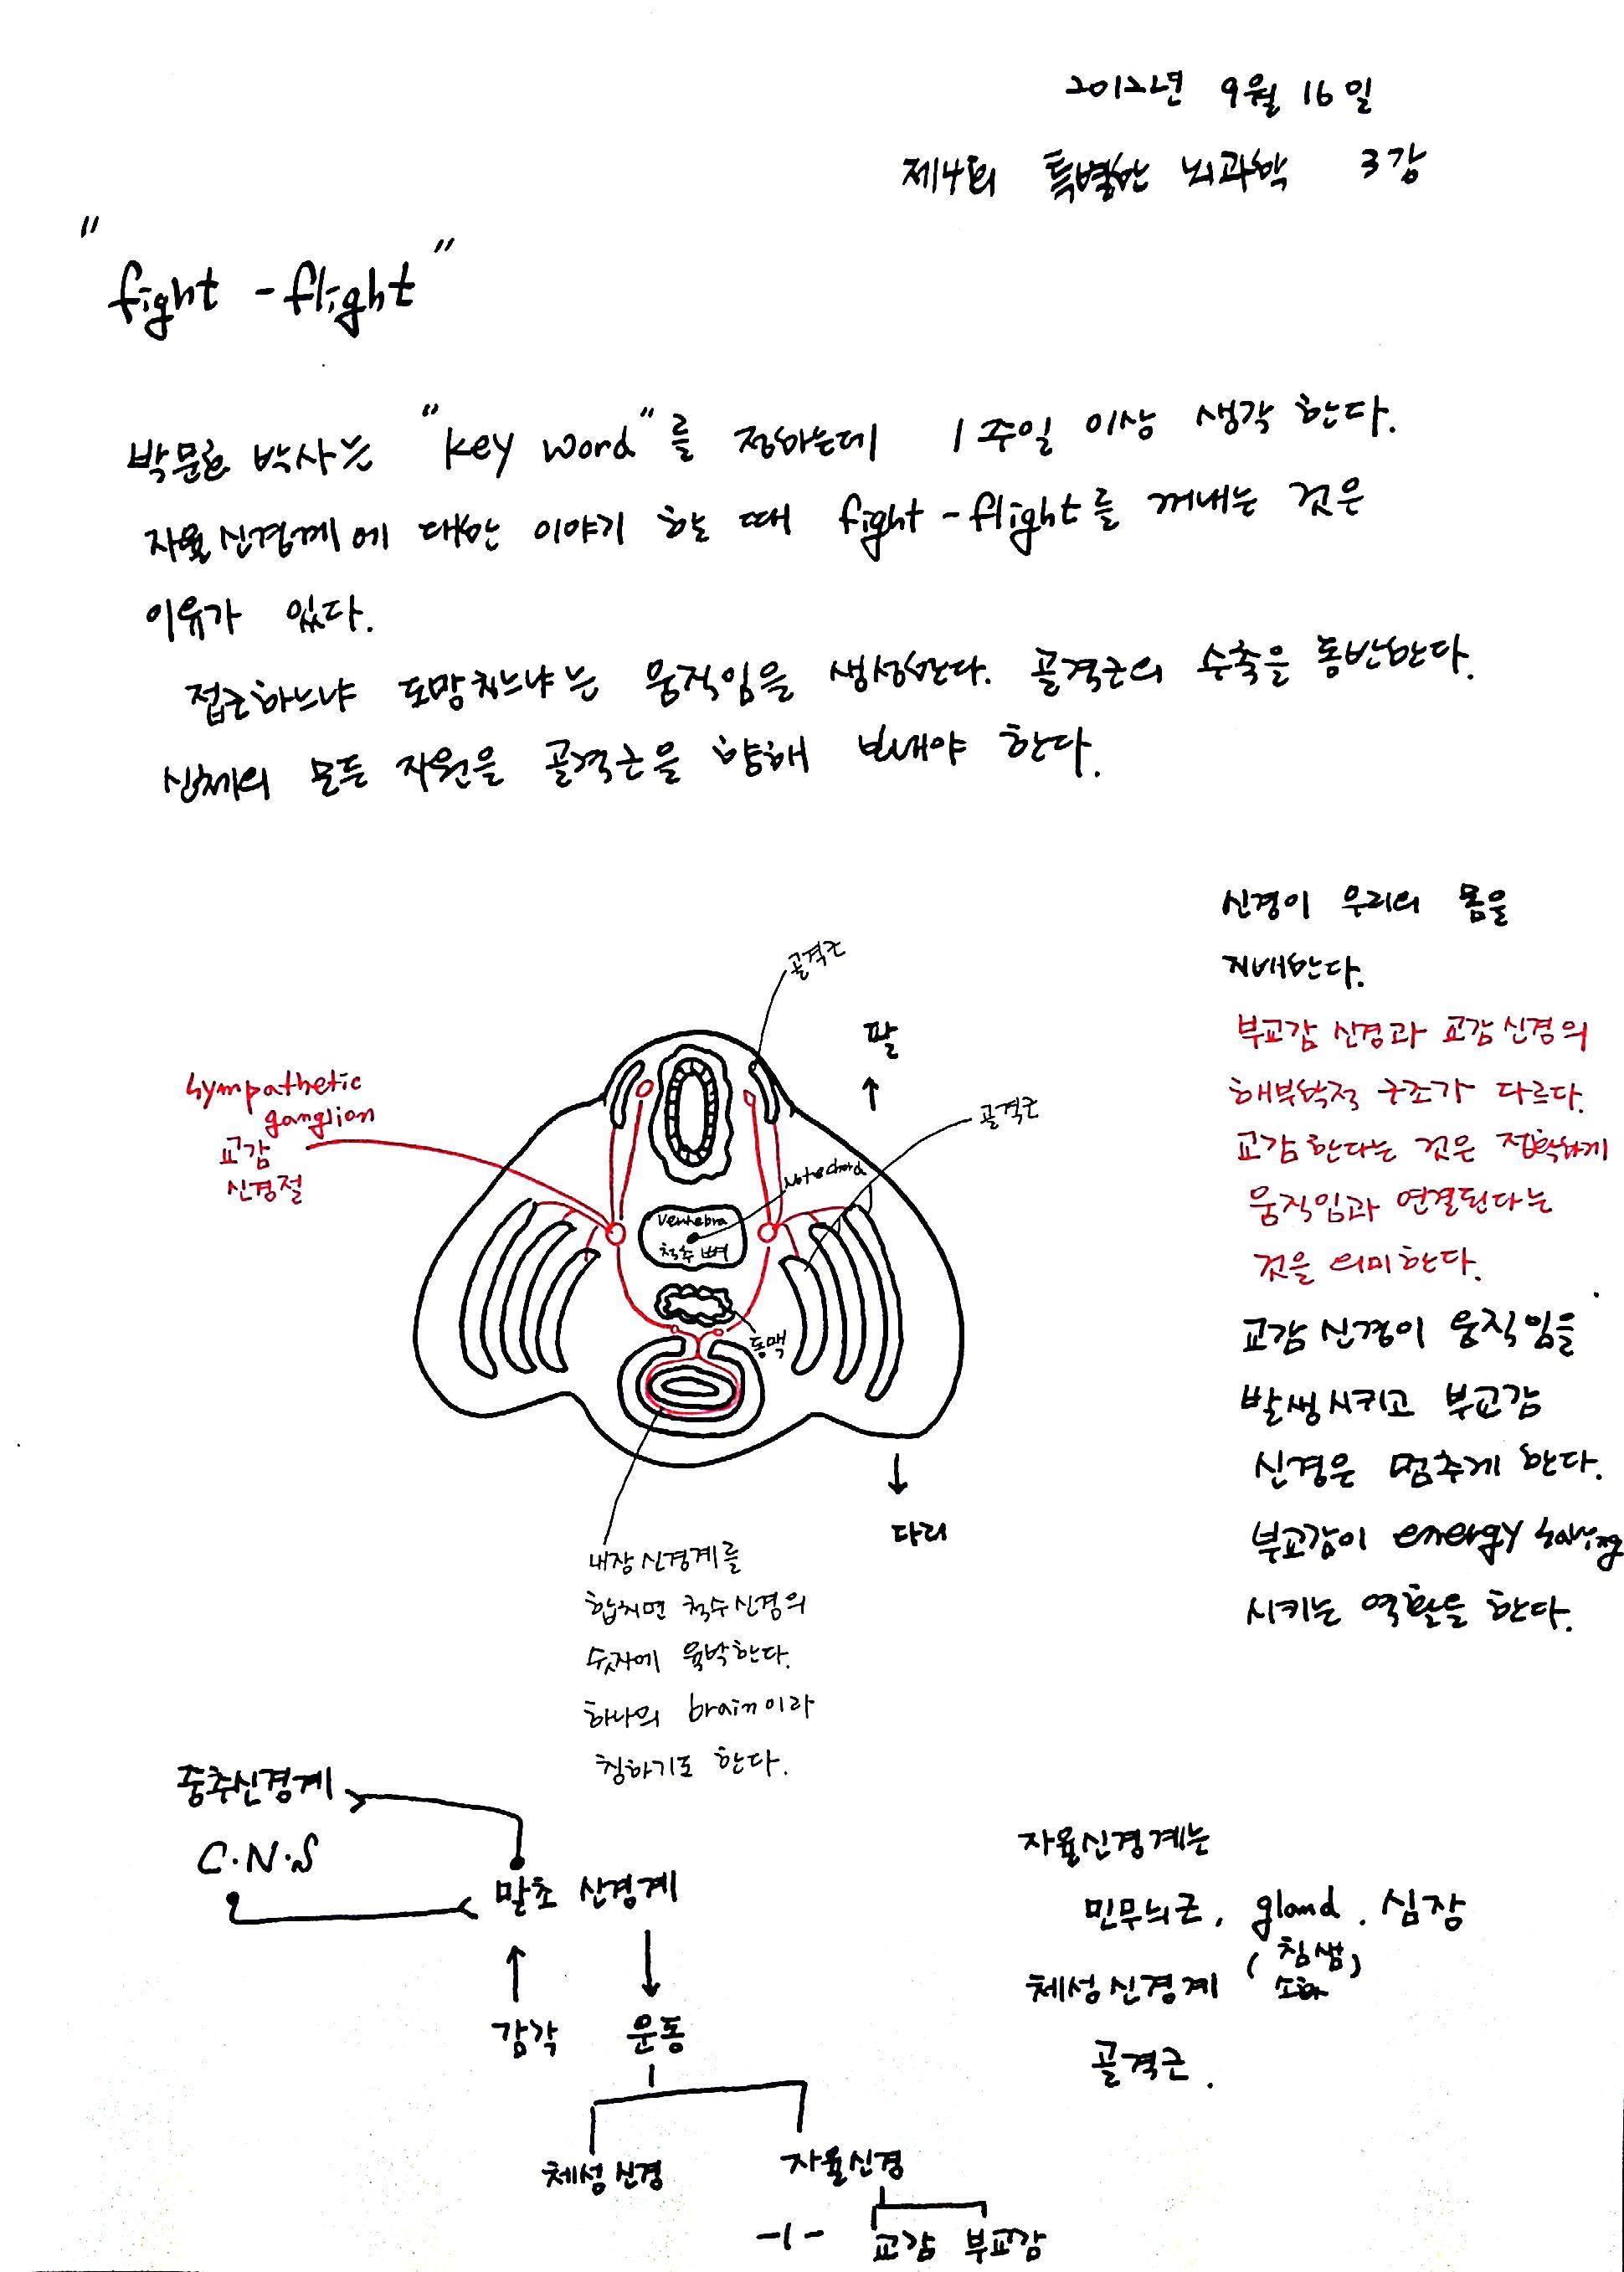 1-2012-09-17_10-19-19_629.jpg